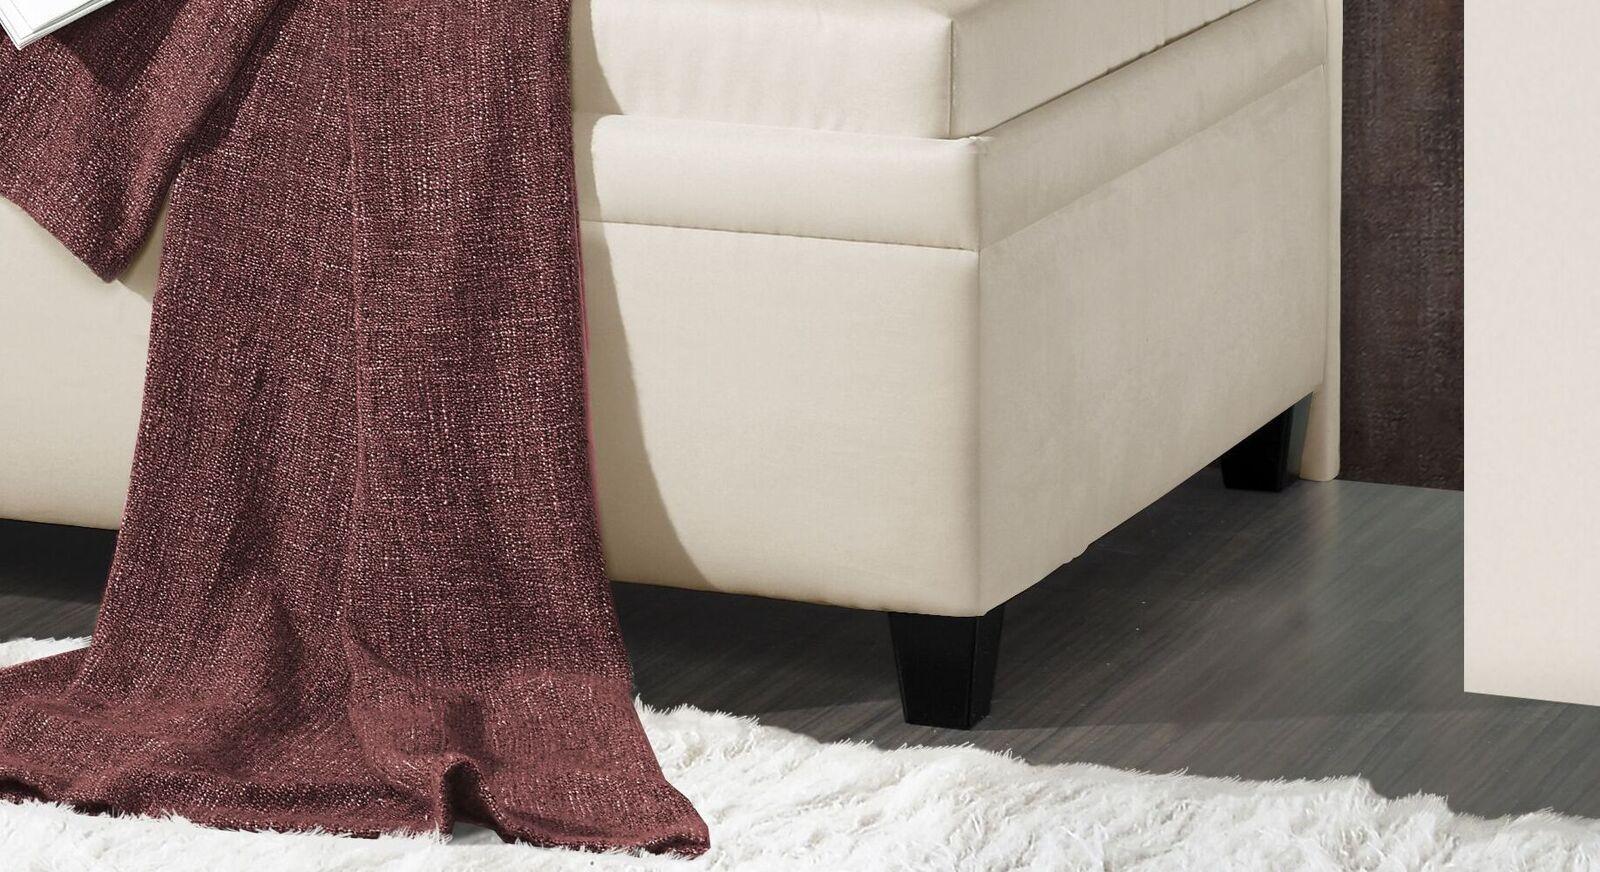 Studioliege Kamina Komfort mit schwarzen Holzfüßen